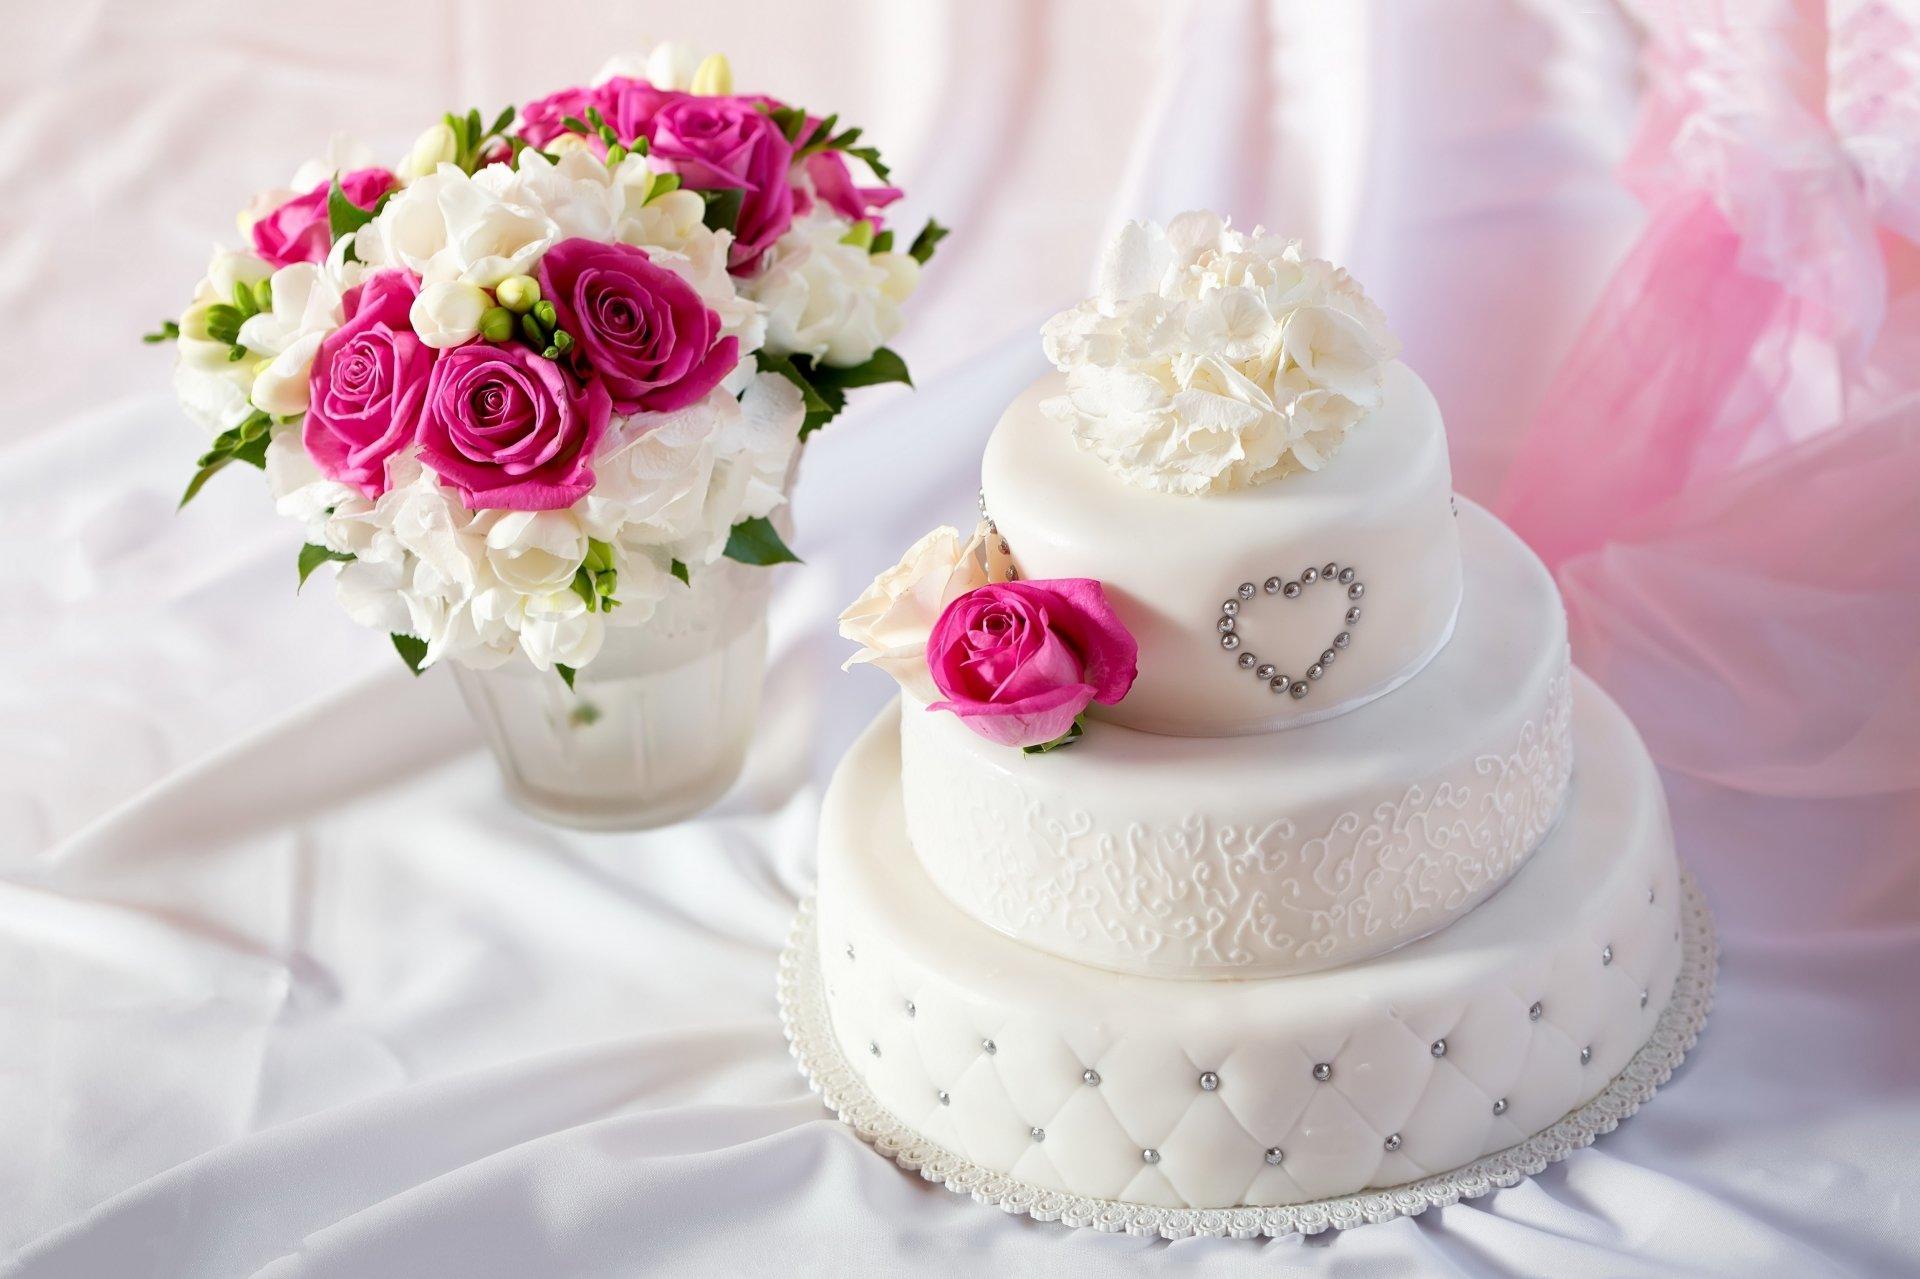 Food - Cake  Wedding Cake Flower Pastry White Flower Pink Flower Wallpaper